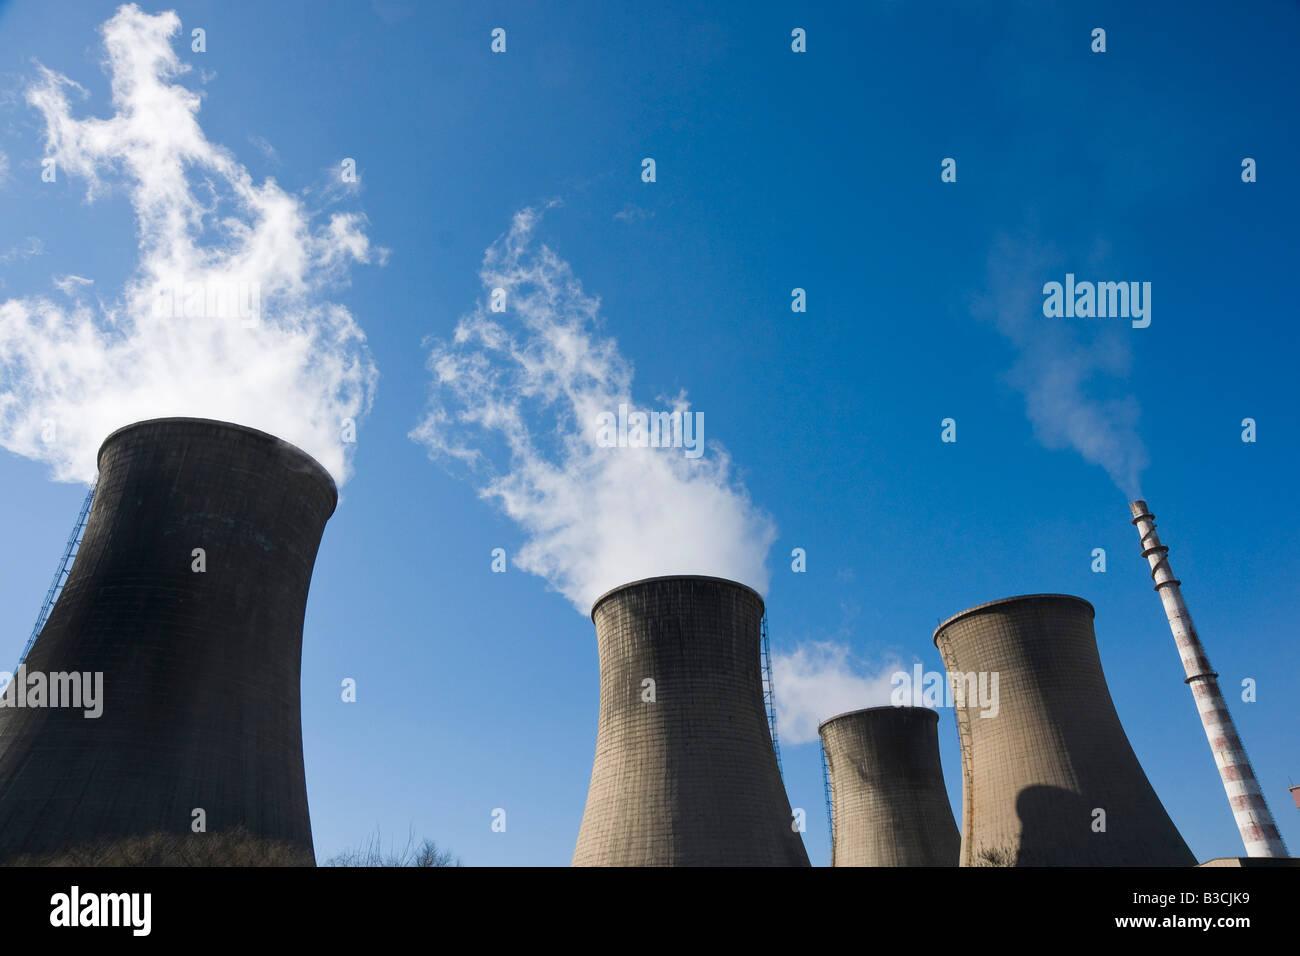 Kohlekraftwerk mit Kühltürmen Dampf Freisetzung in die Atmosphäre Stockbild